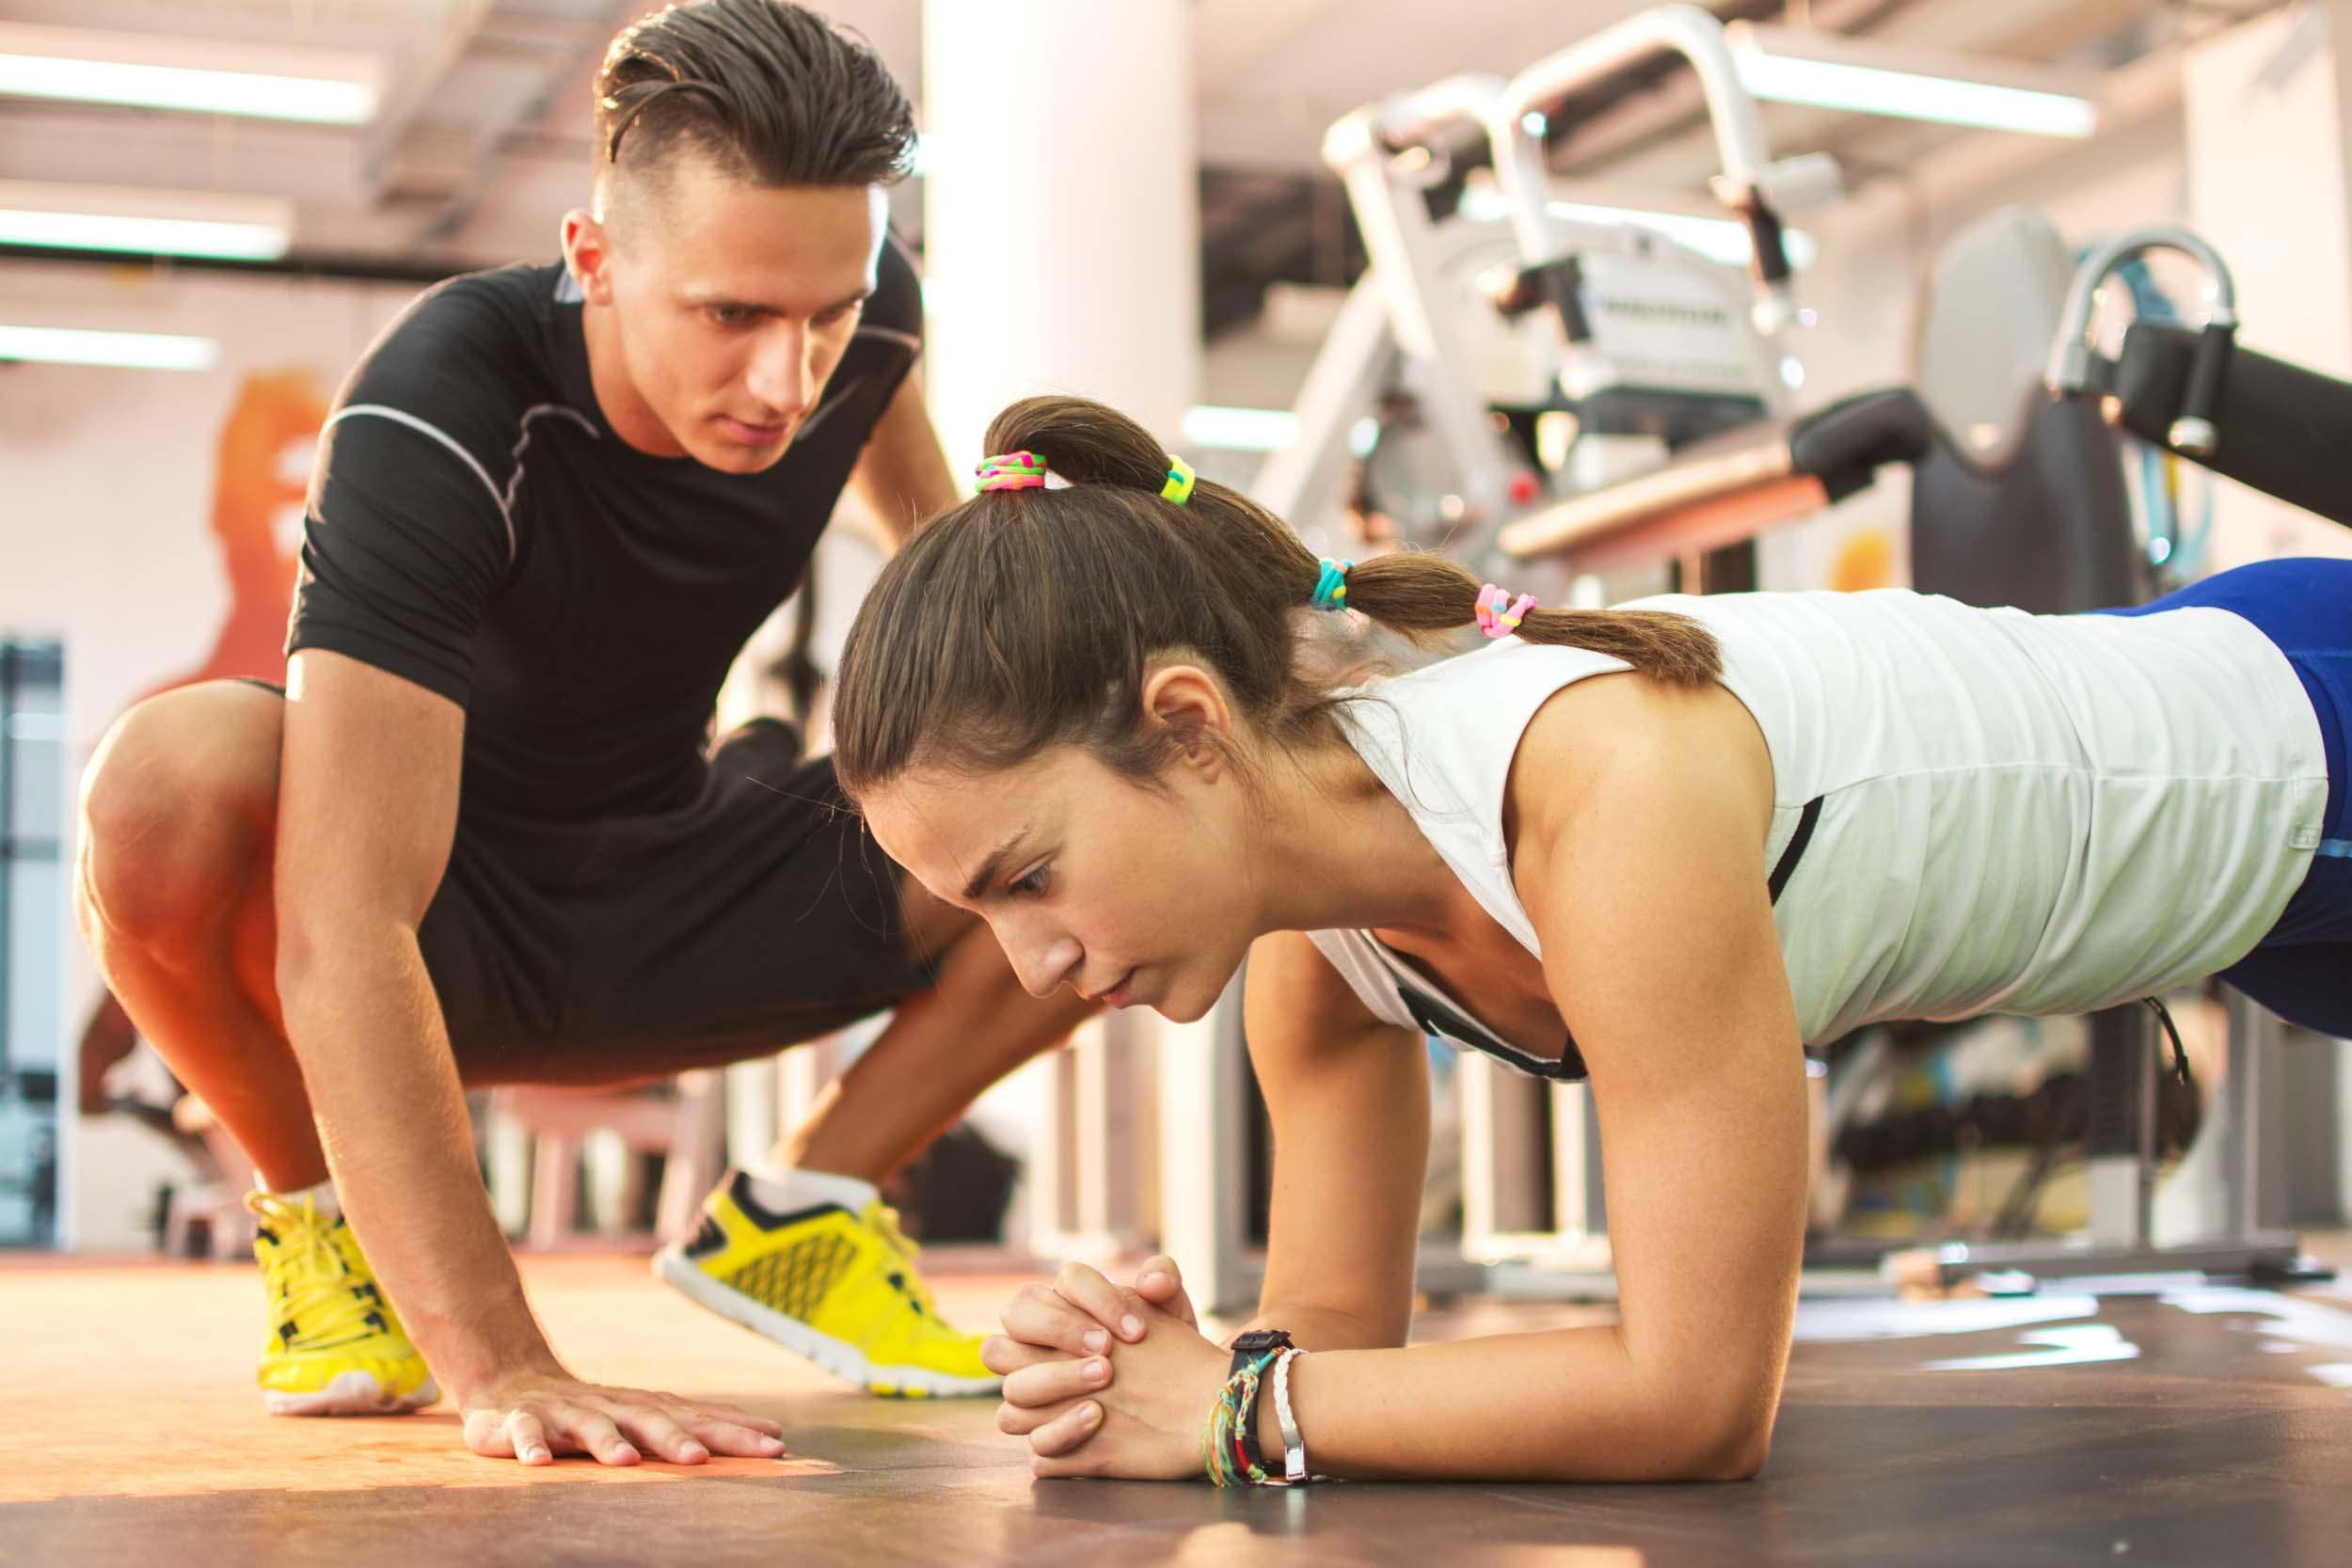 Лучшее время для тренировки: особенности и рекомендации профессионалов. лучшее время для тренировок. когда ходить в тренажерный зал